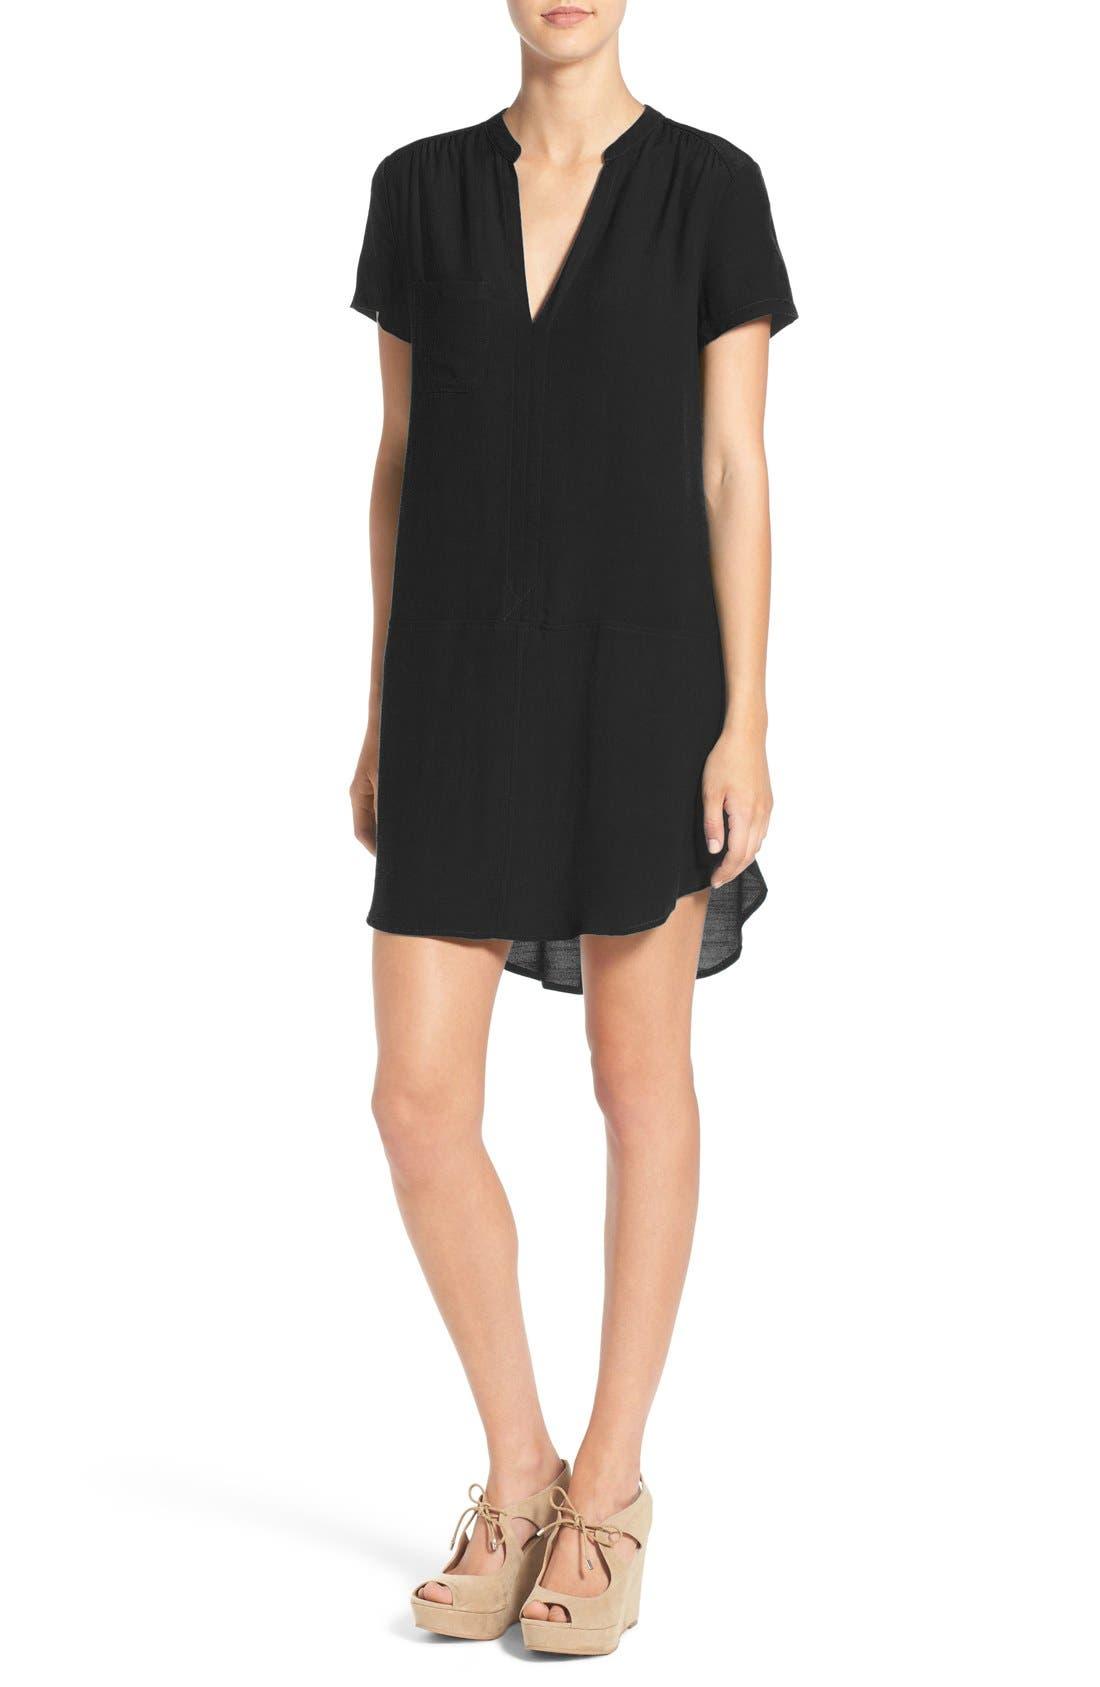 Alternate Image 1 Selected - Lush Split Neck Shift Dress